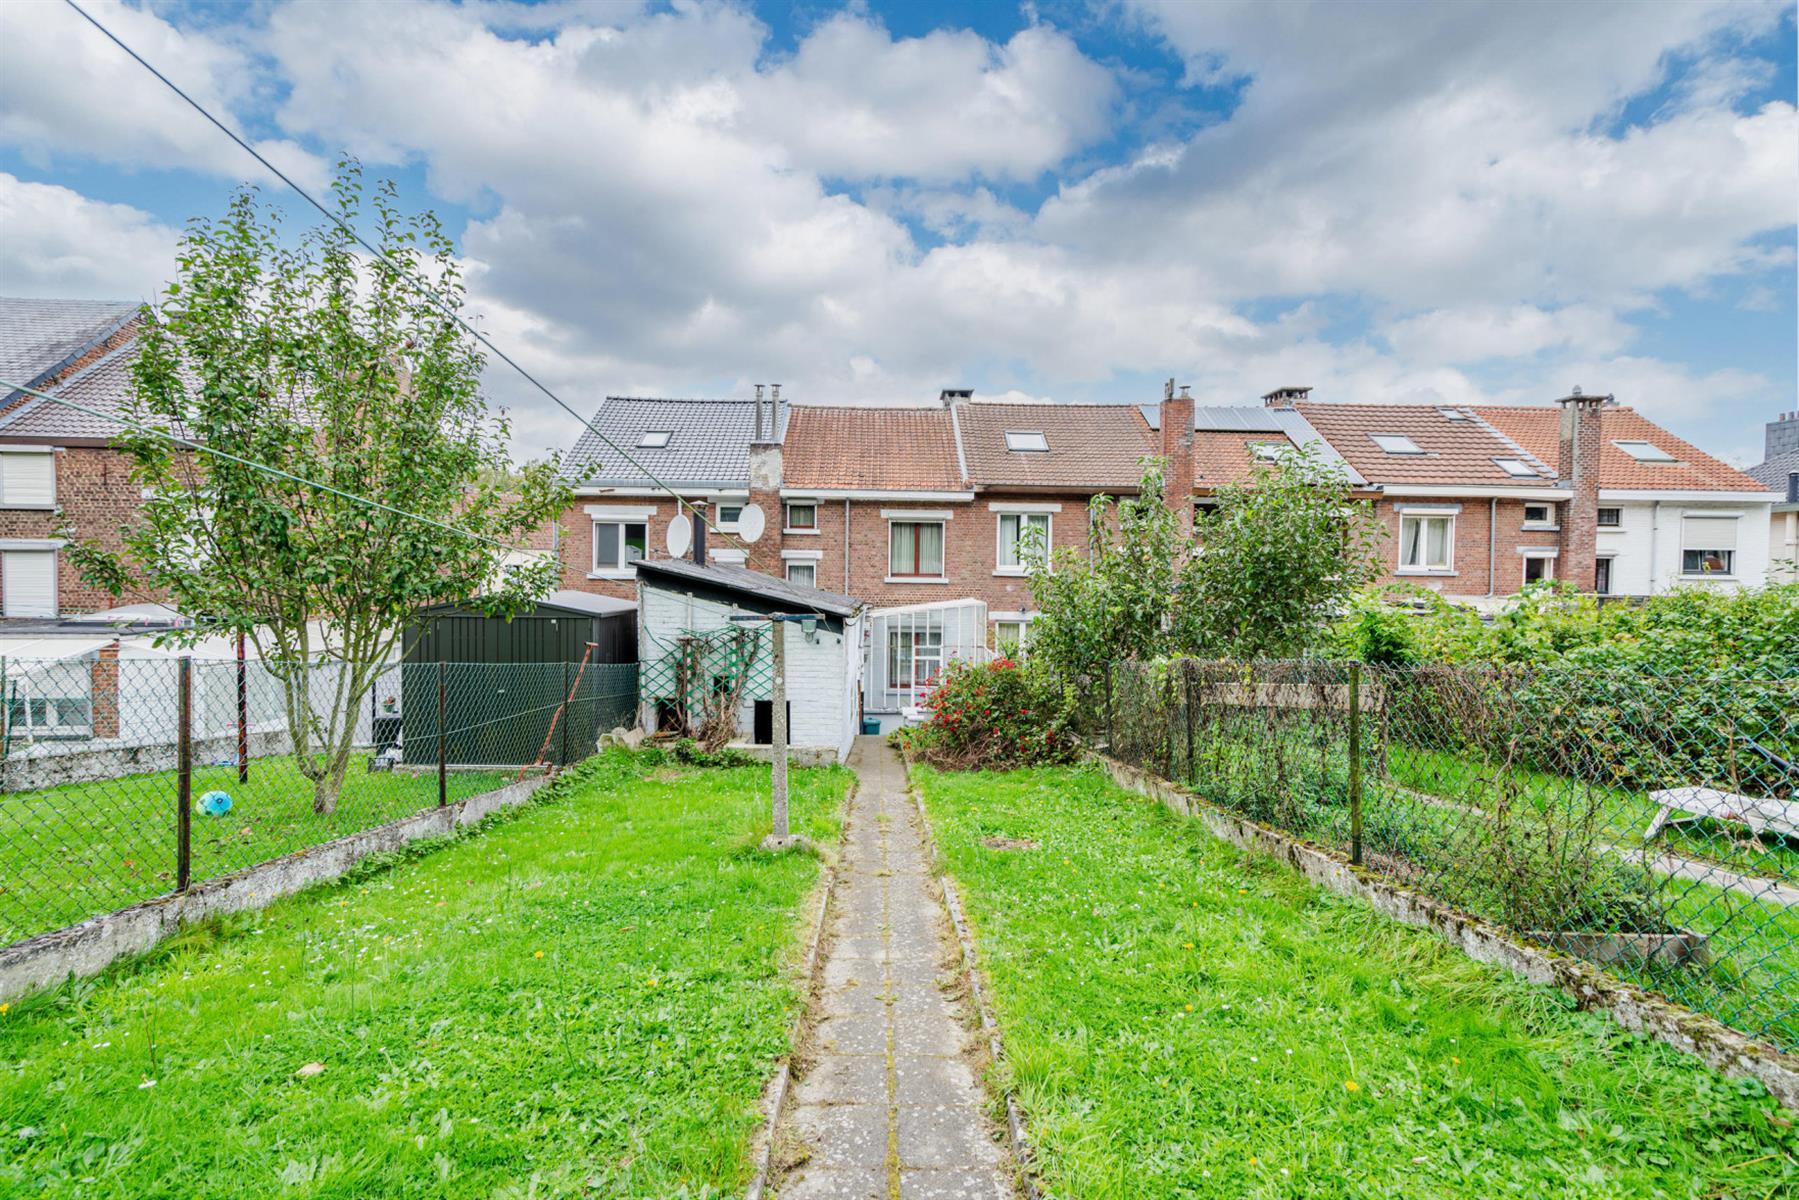 Maison - Court-saint-Étienne - #4518416-17